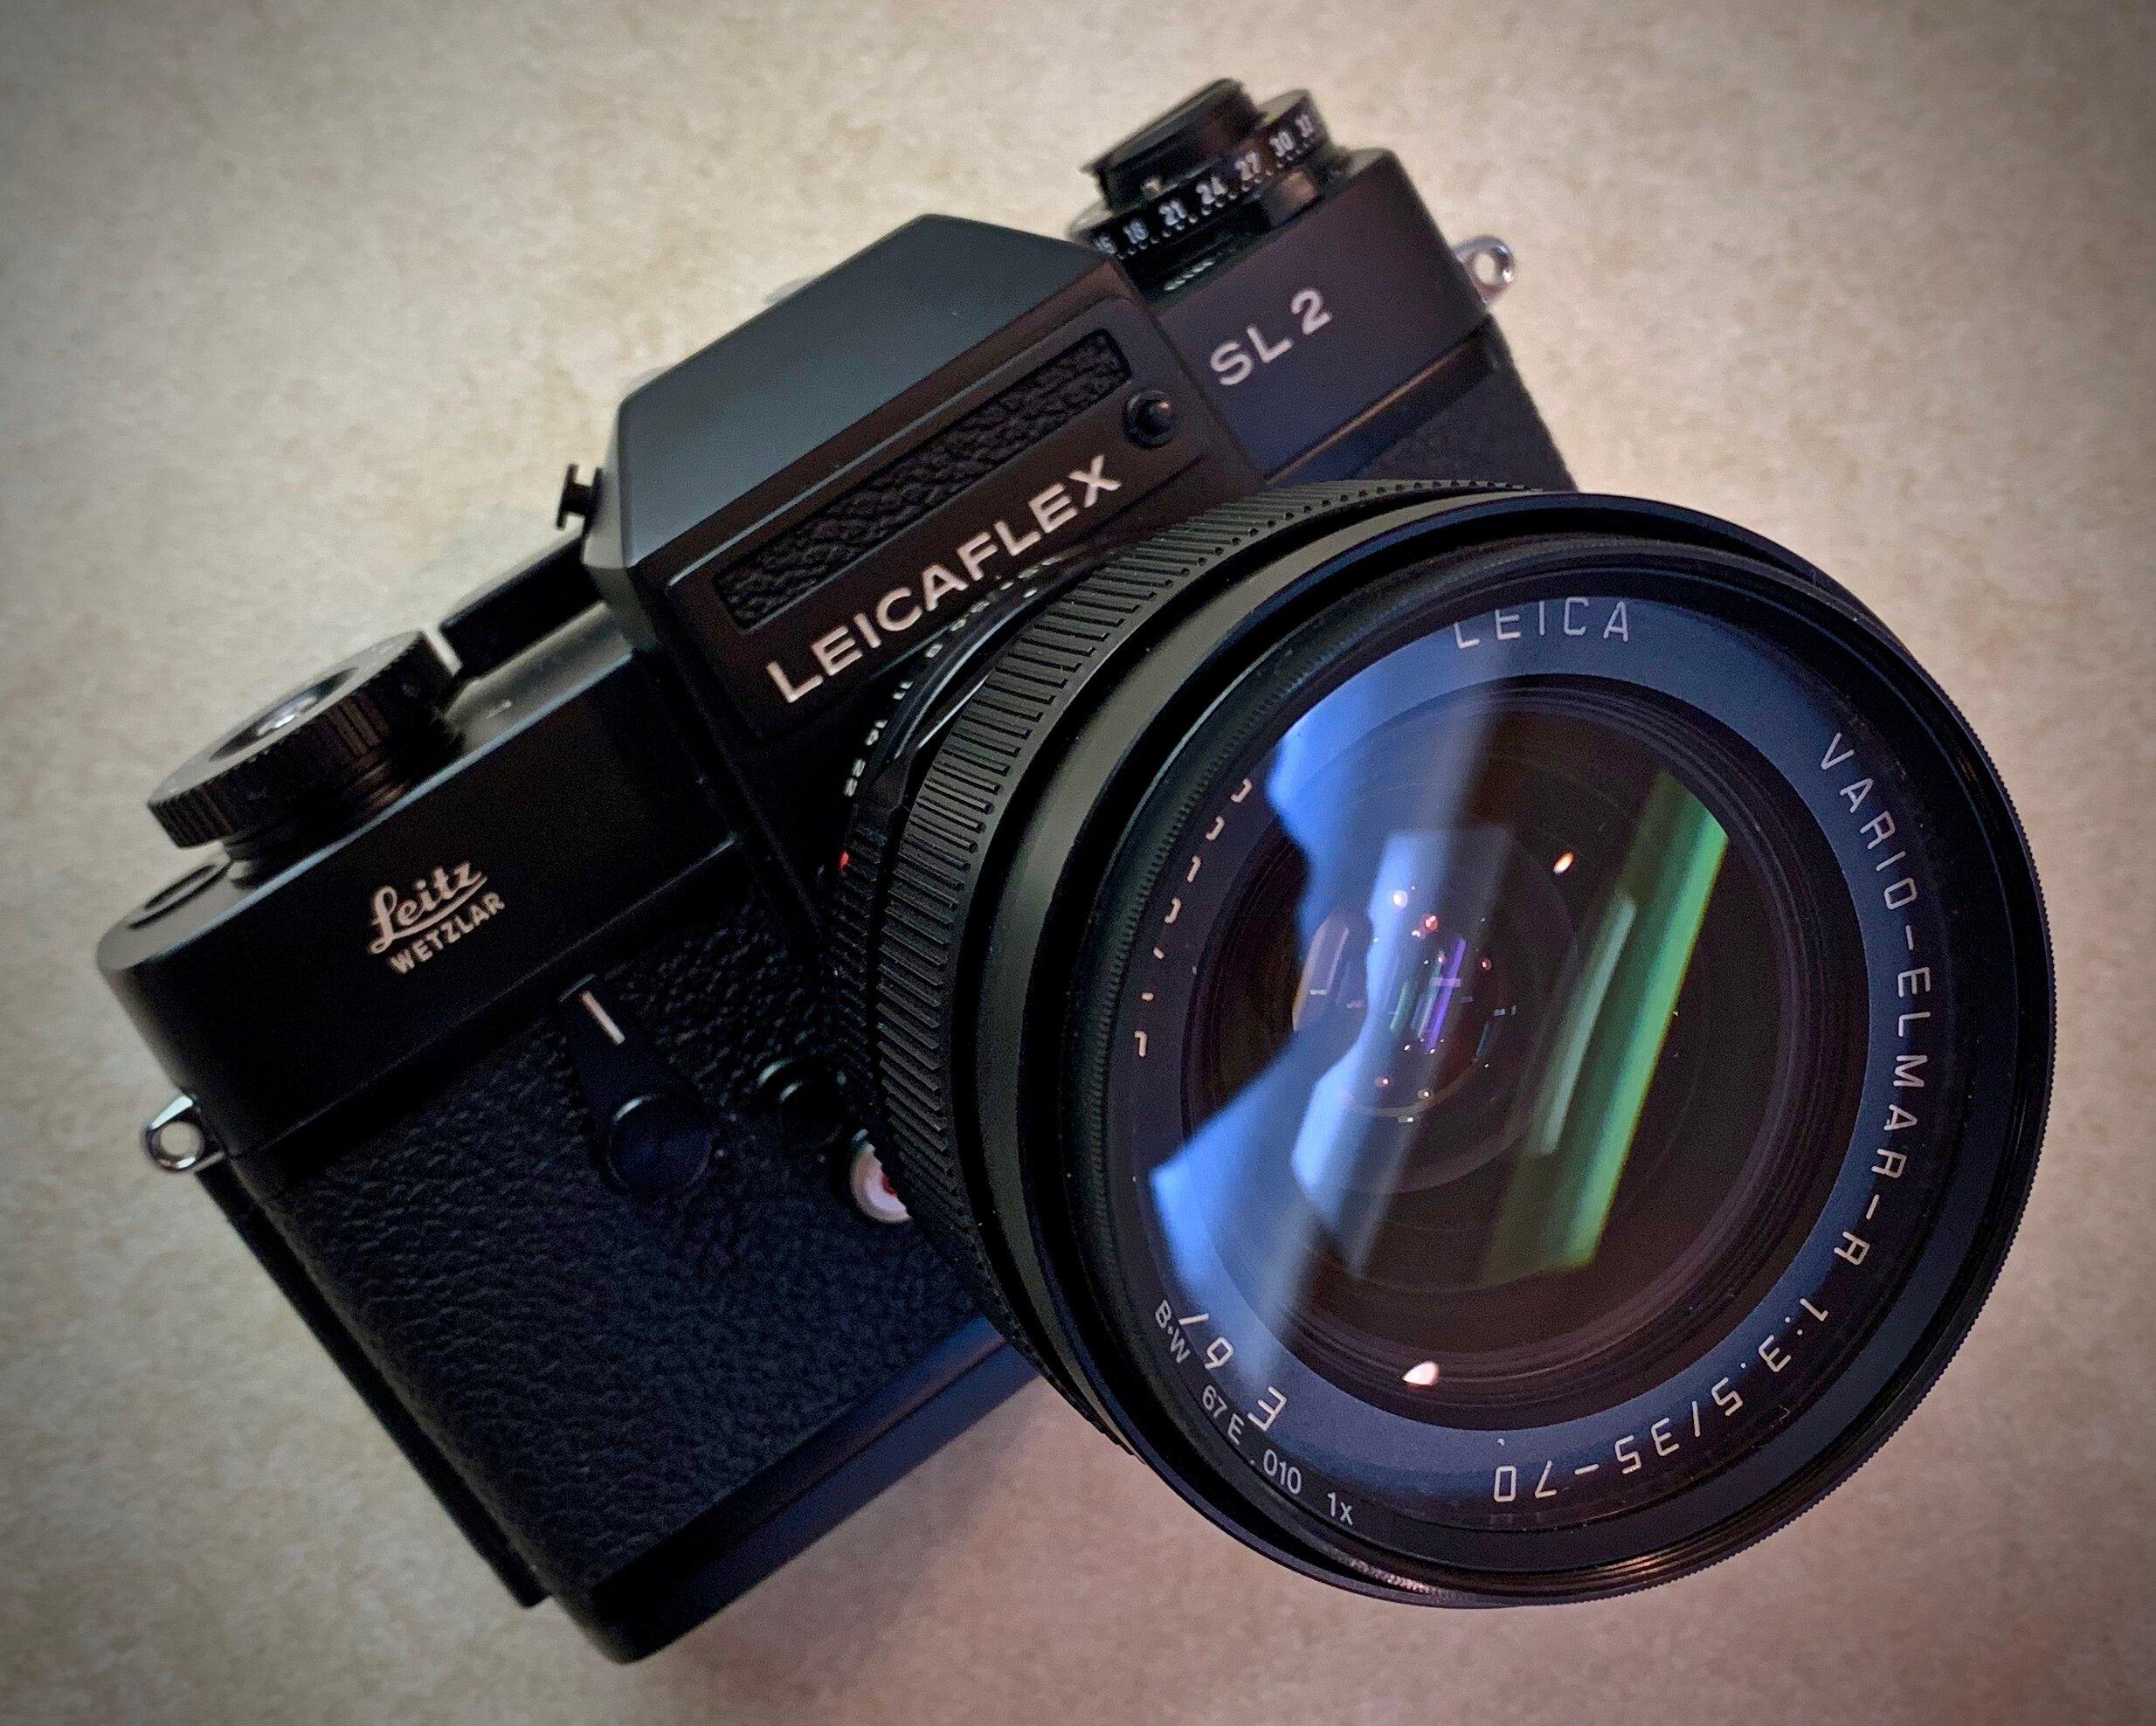 Leicaflex SL2 with 35-70 f/3.5 Vario-Elmar-R